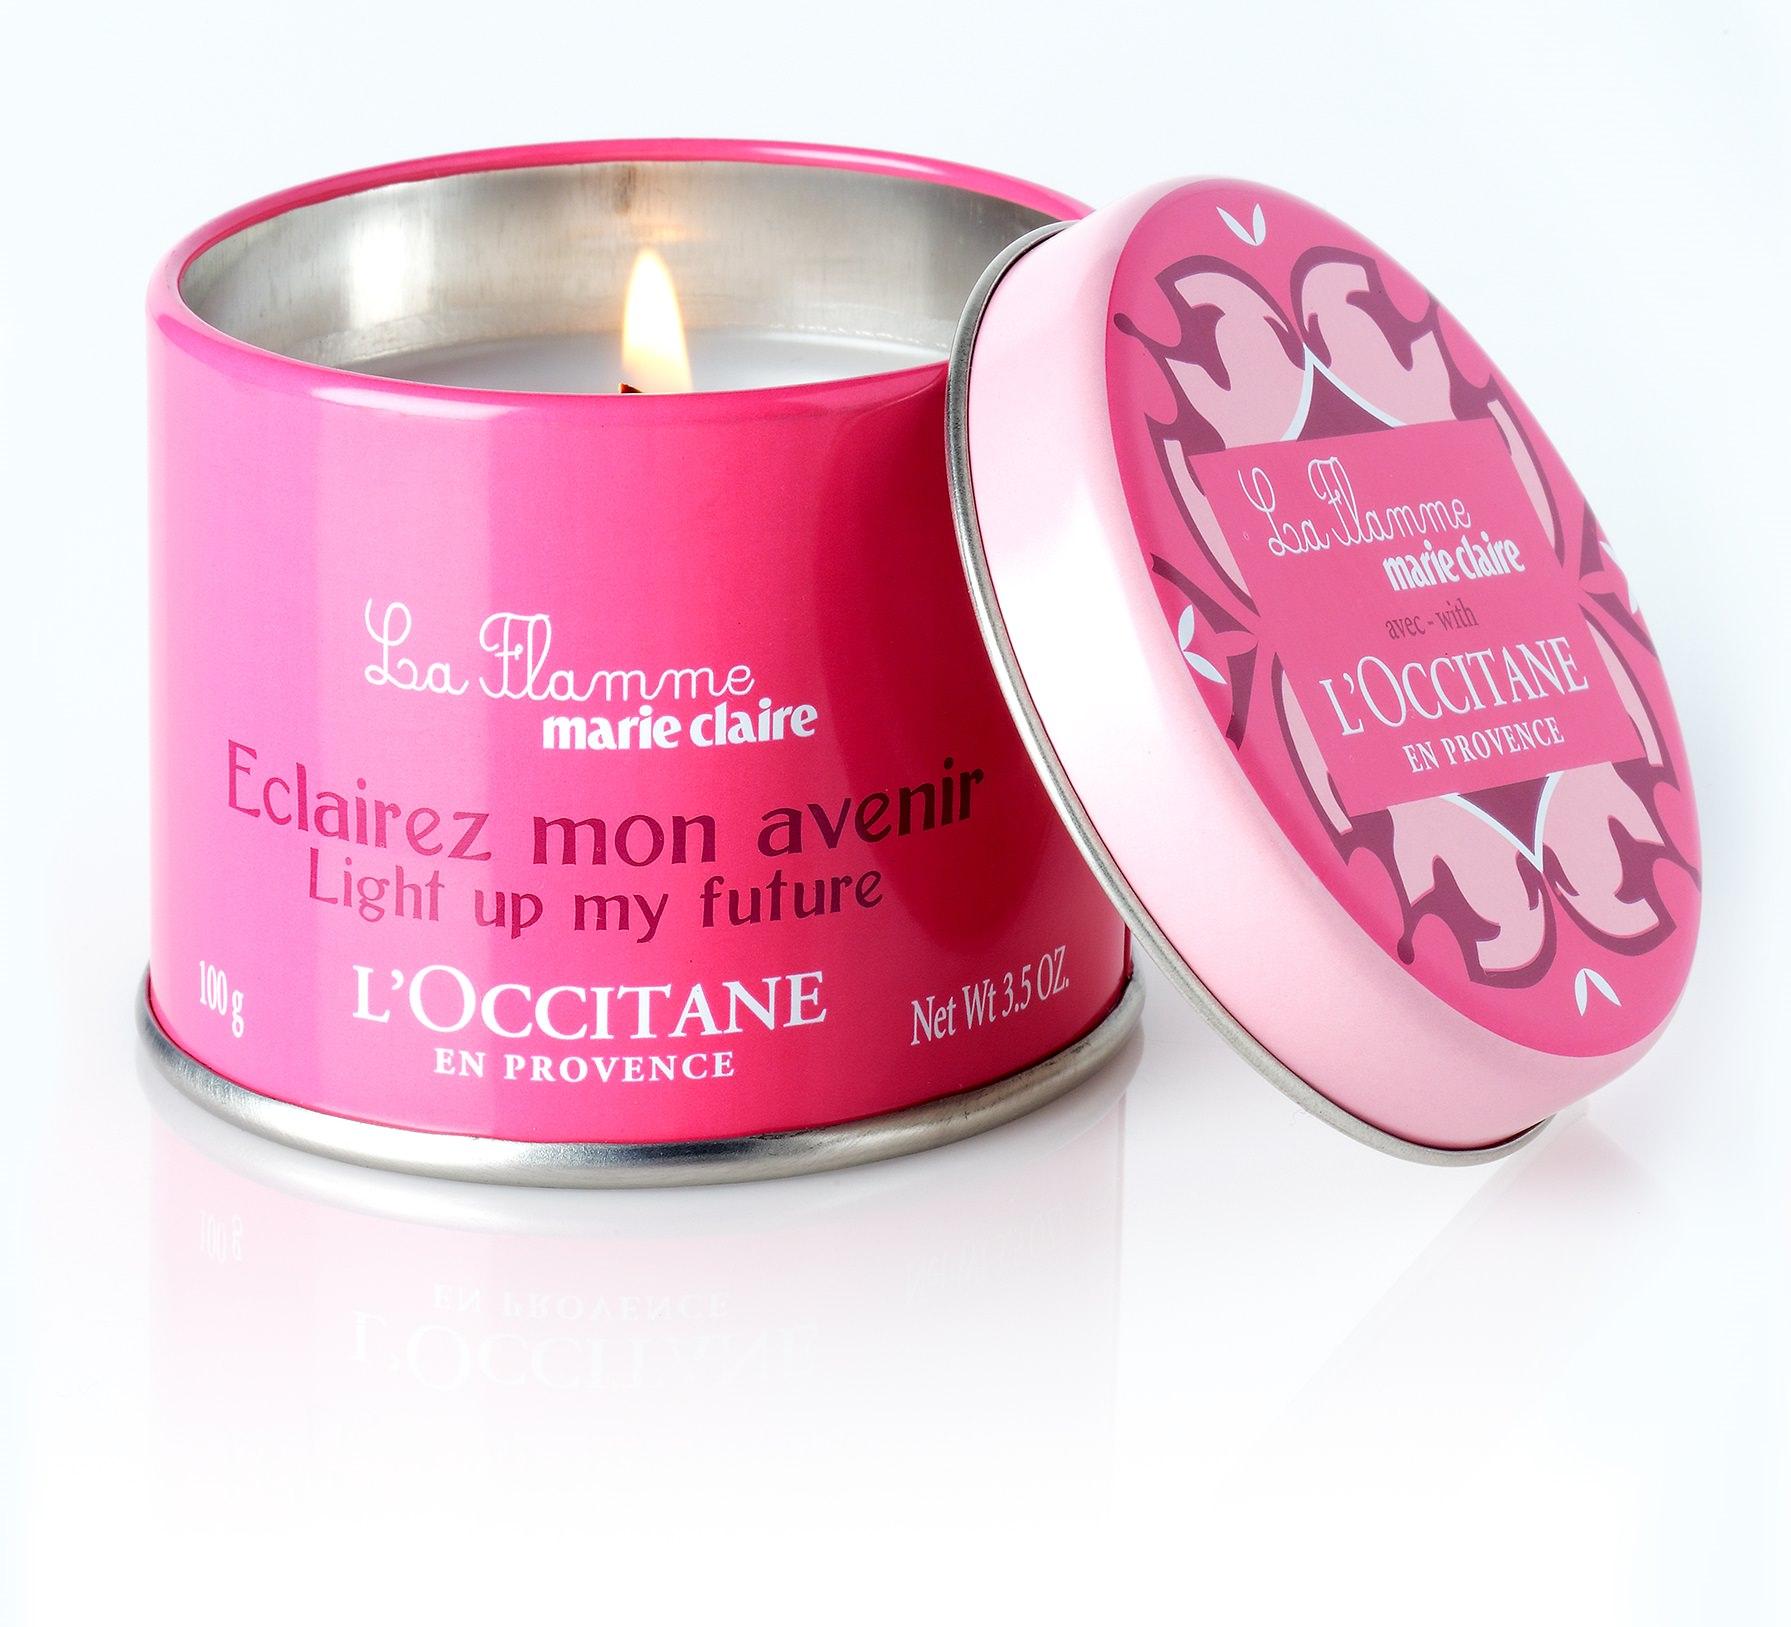 la-flamme-marie-claire_loccitane